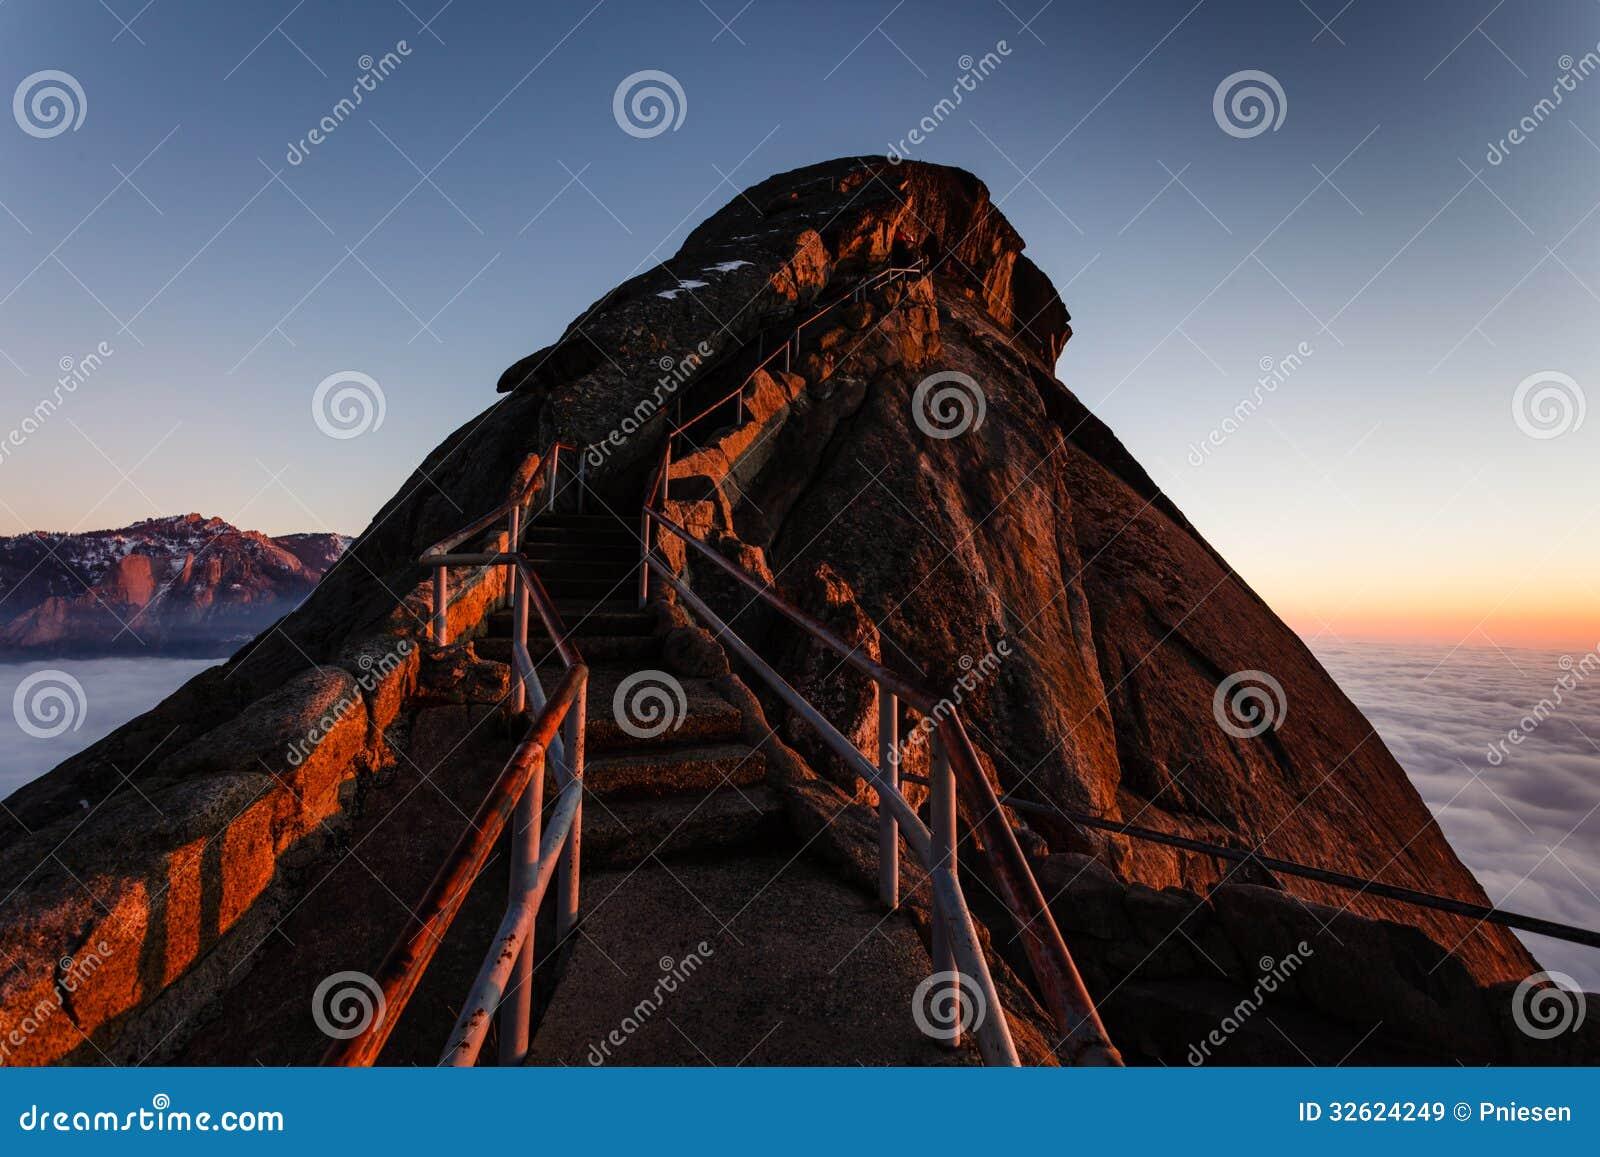 Moro Rock Staircase III